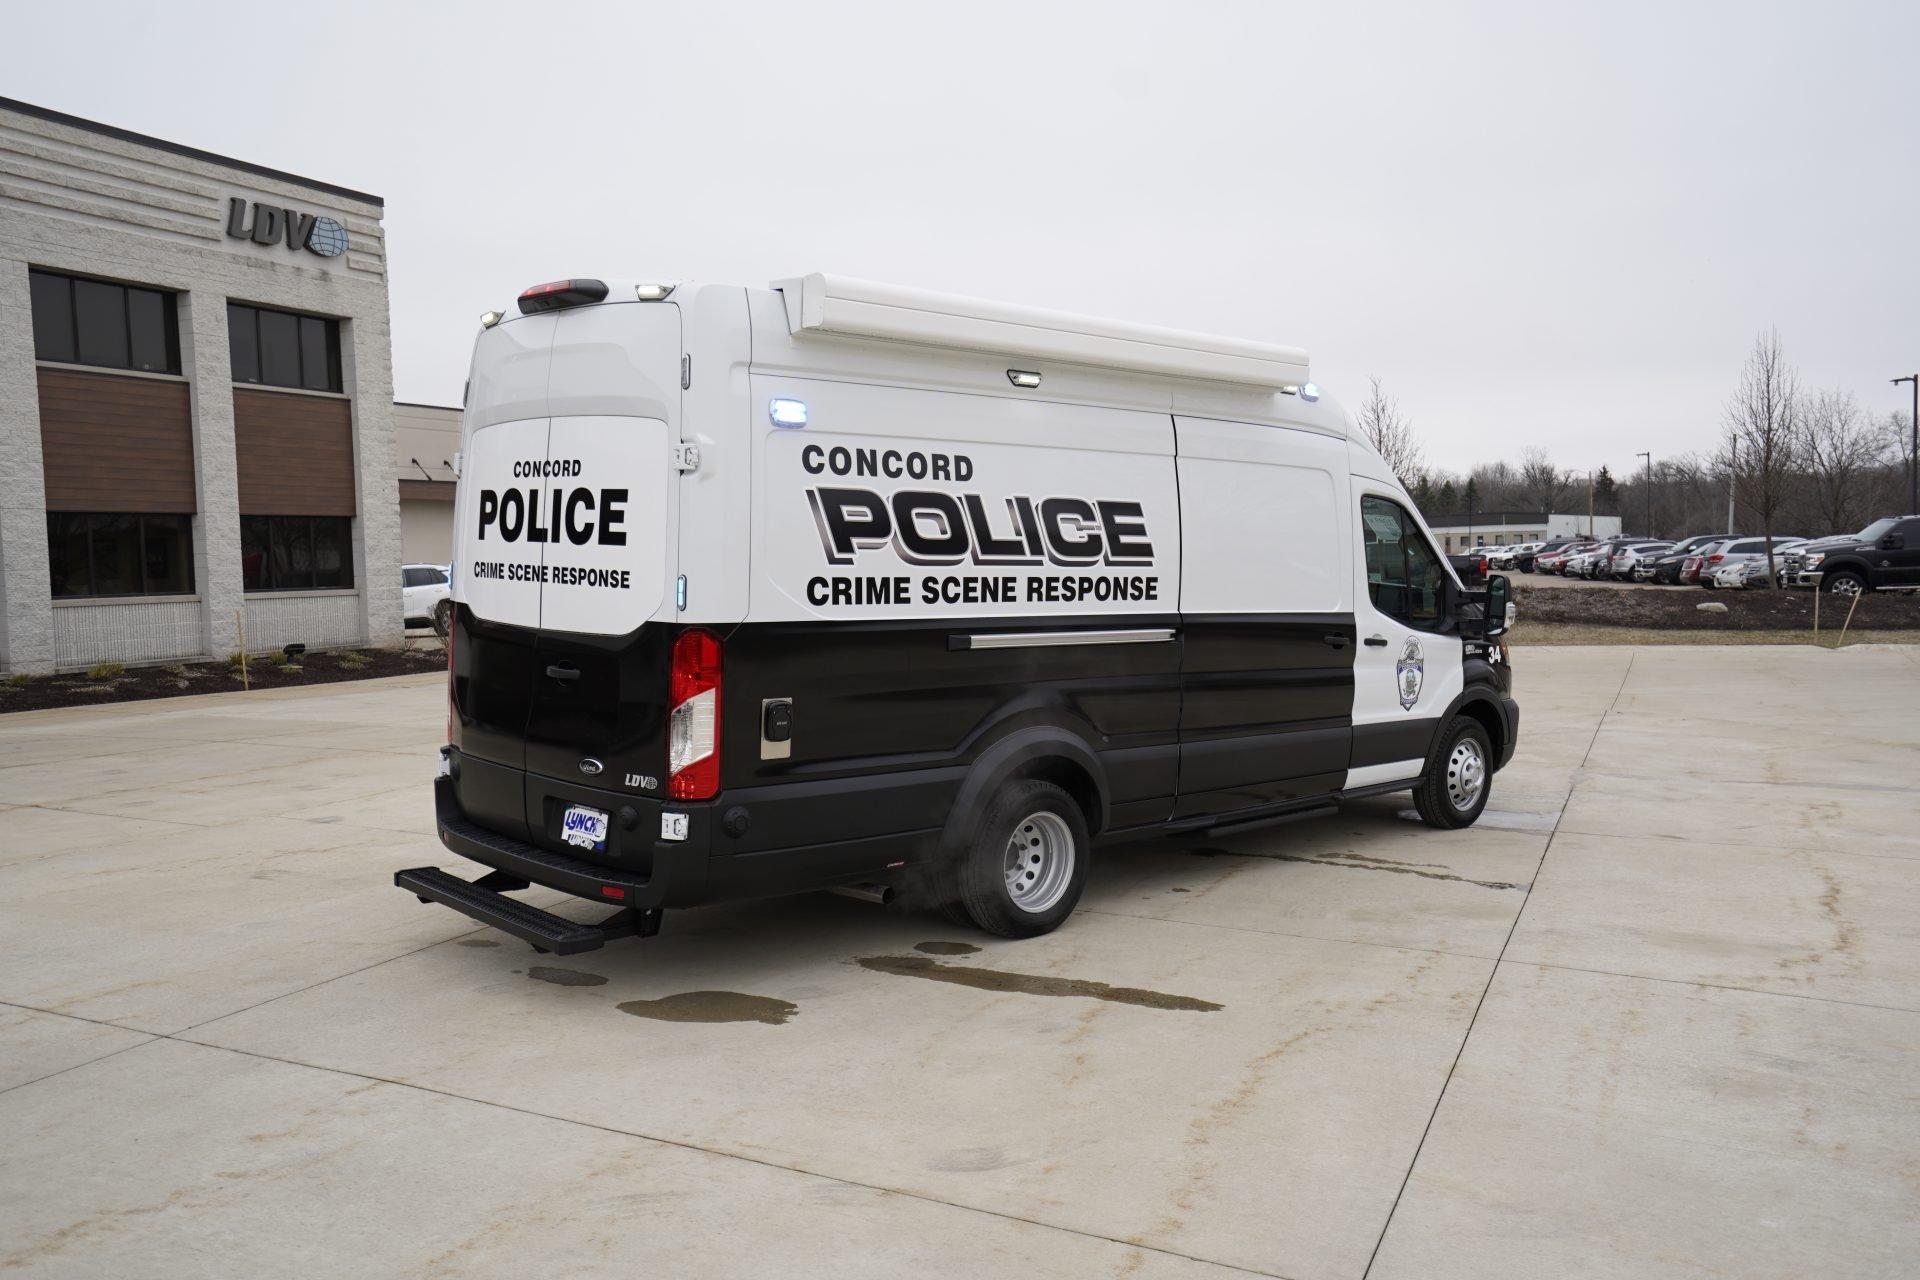 LDV-Concord Police Mobile Crime Lab